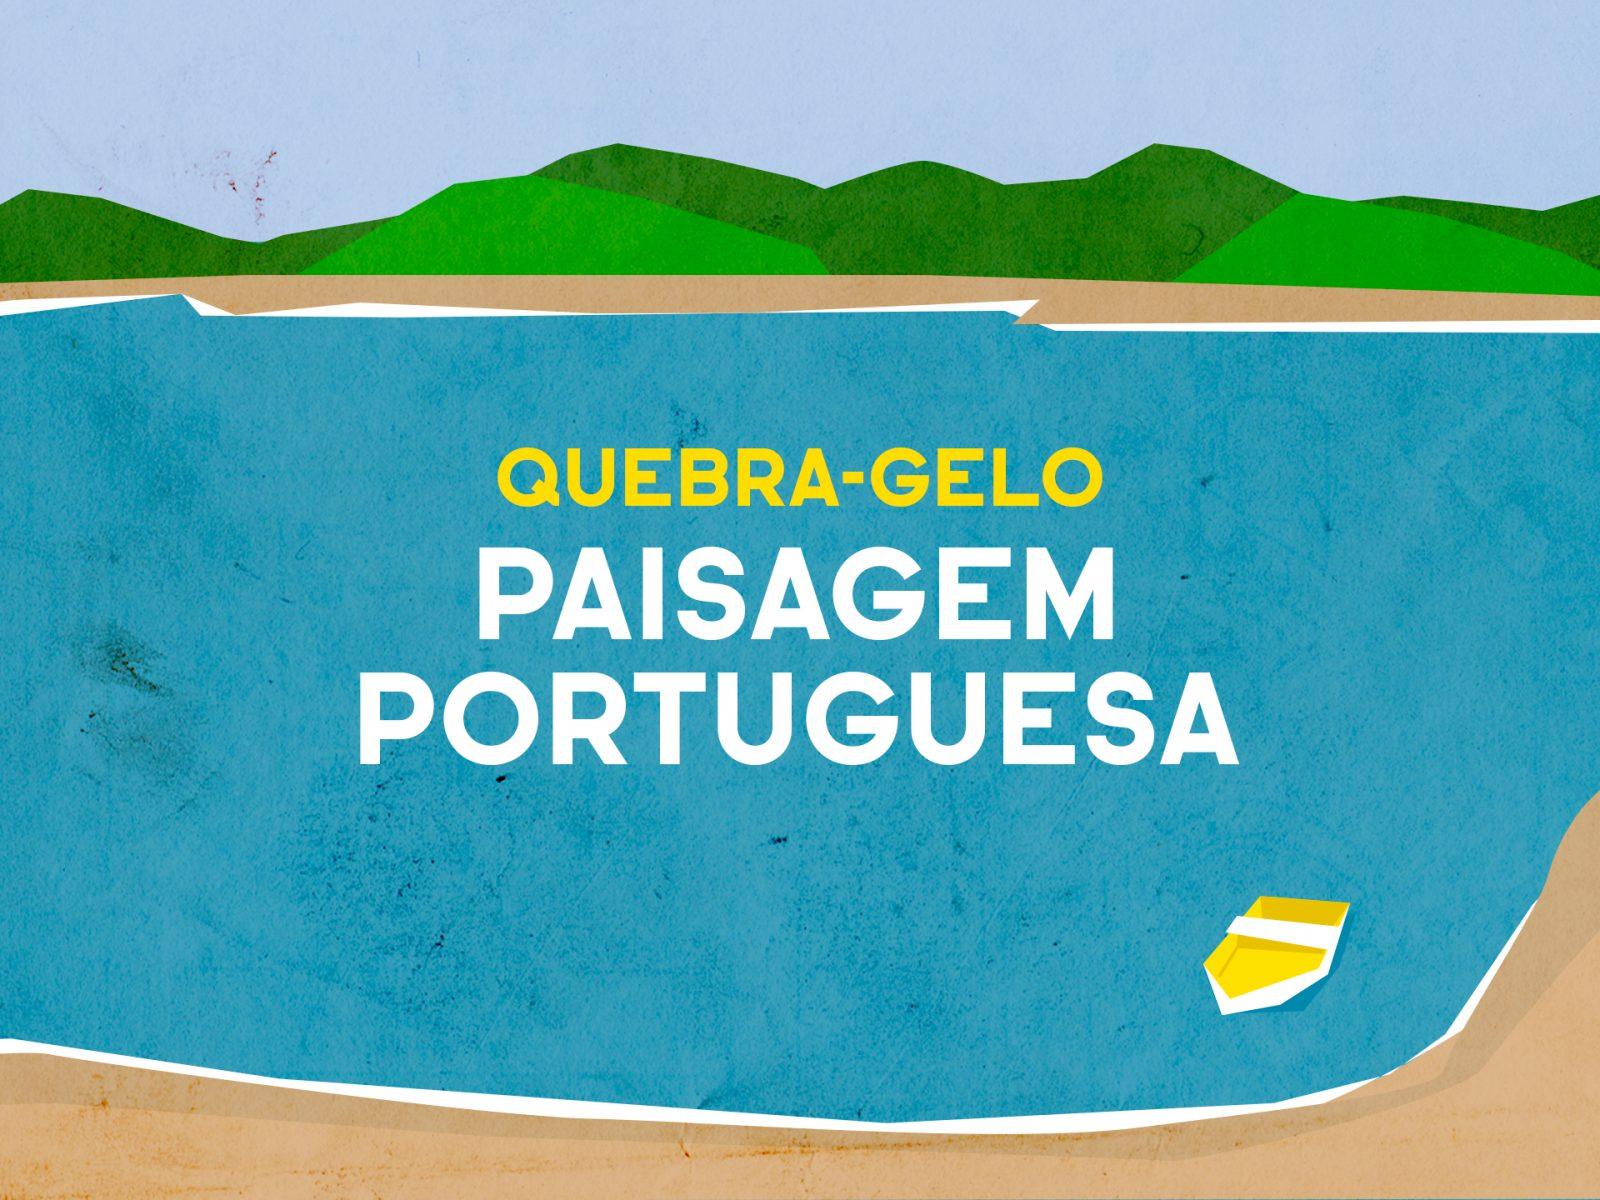 quebra-gelo-paisagem-portuguesa-jogos-gerador